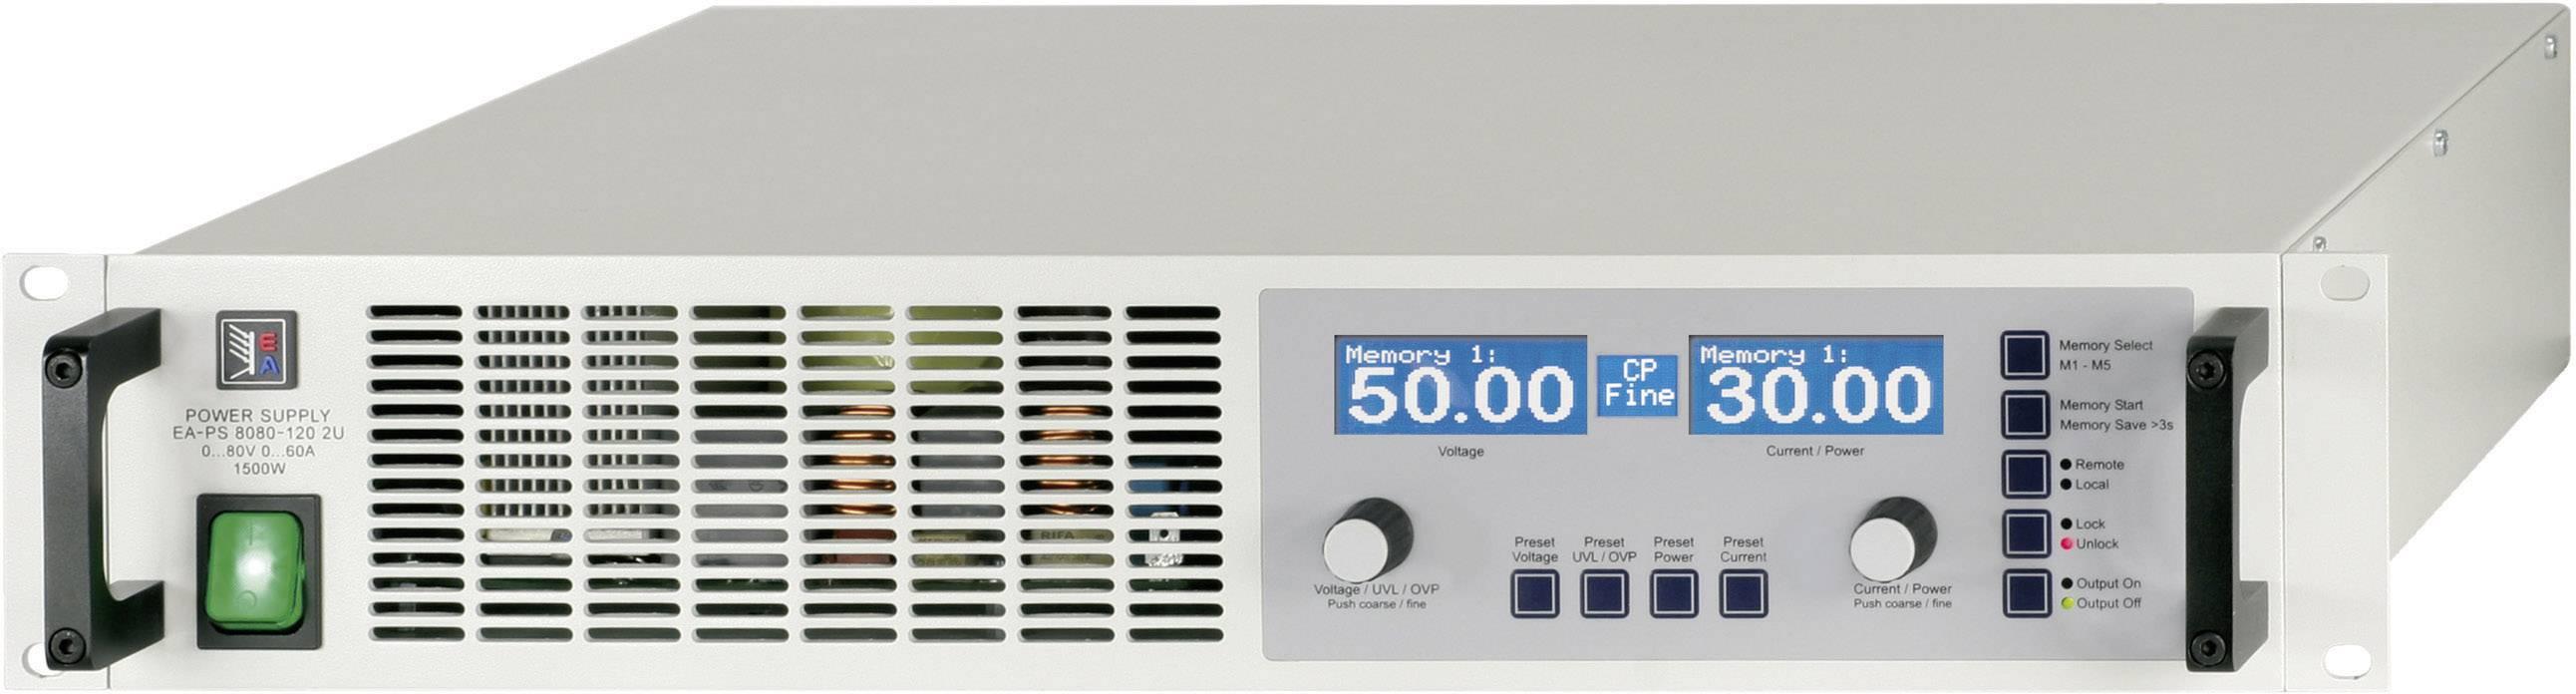 Regulovateľný laboratórny sieťový zdroj EA-PS 8080-120 2U, 0 - 80 V/DC, 0 - 120 A, 3000 W